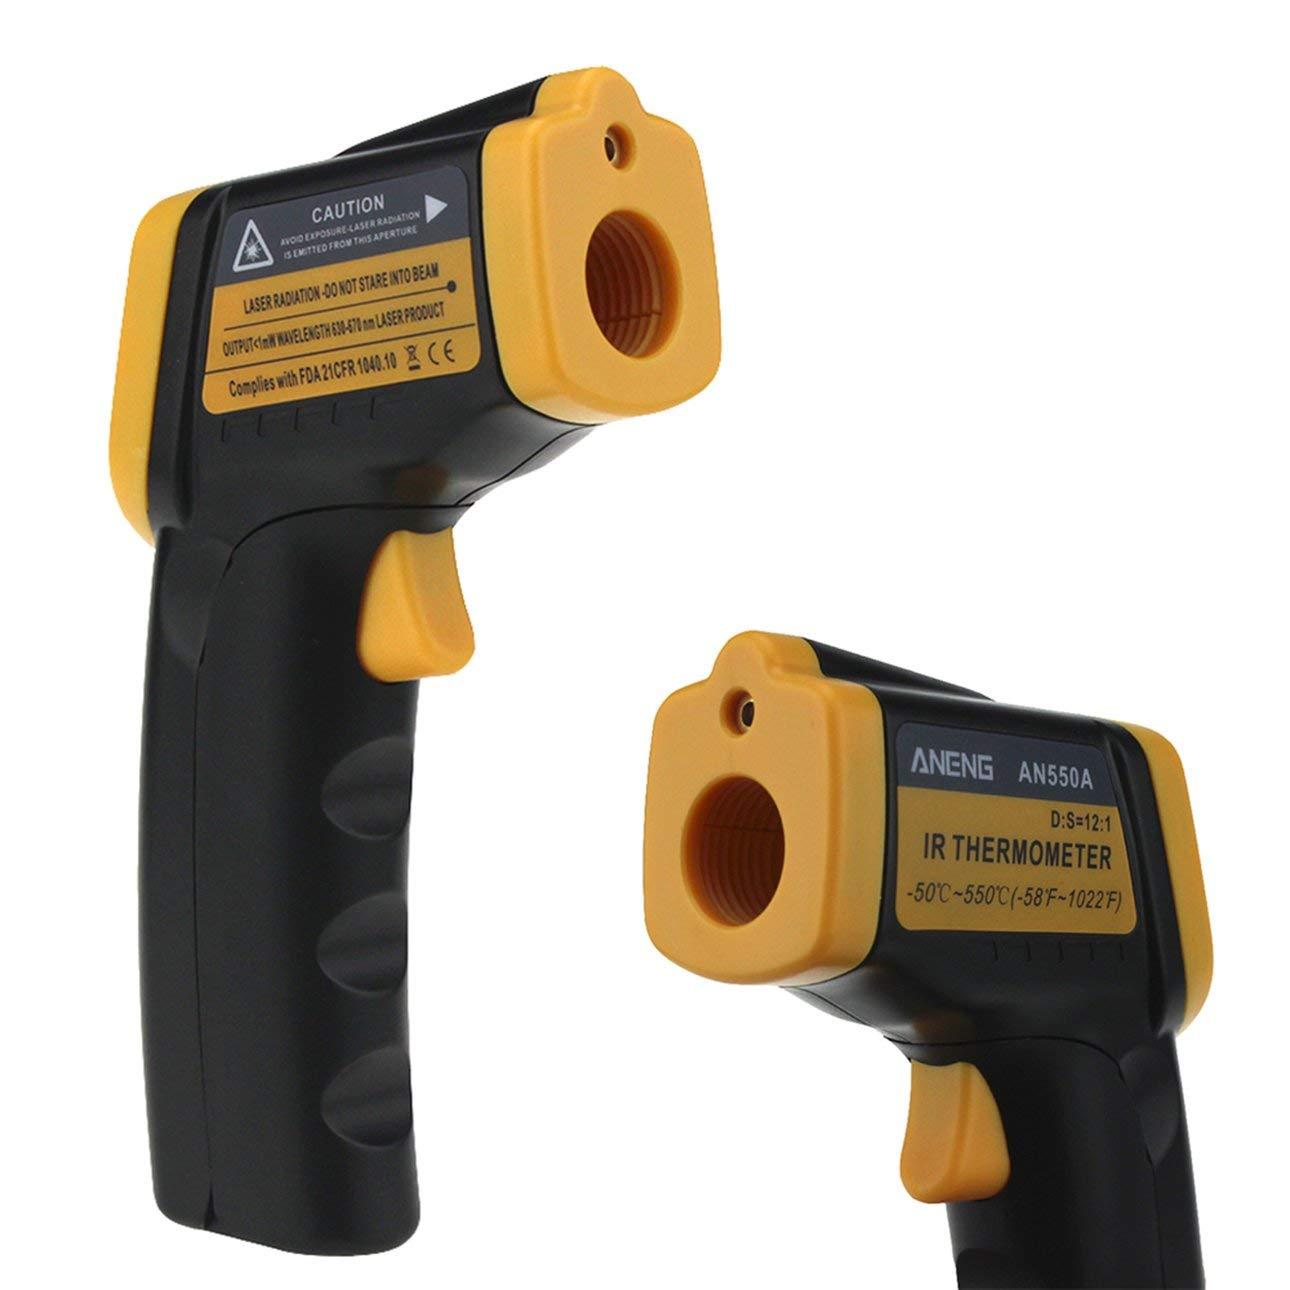 Ballylelly New Professional AN550A Termometro a infrarossi Display digitale LCD Misuratore di temperatura del laser Termometro senza contatto